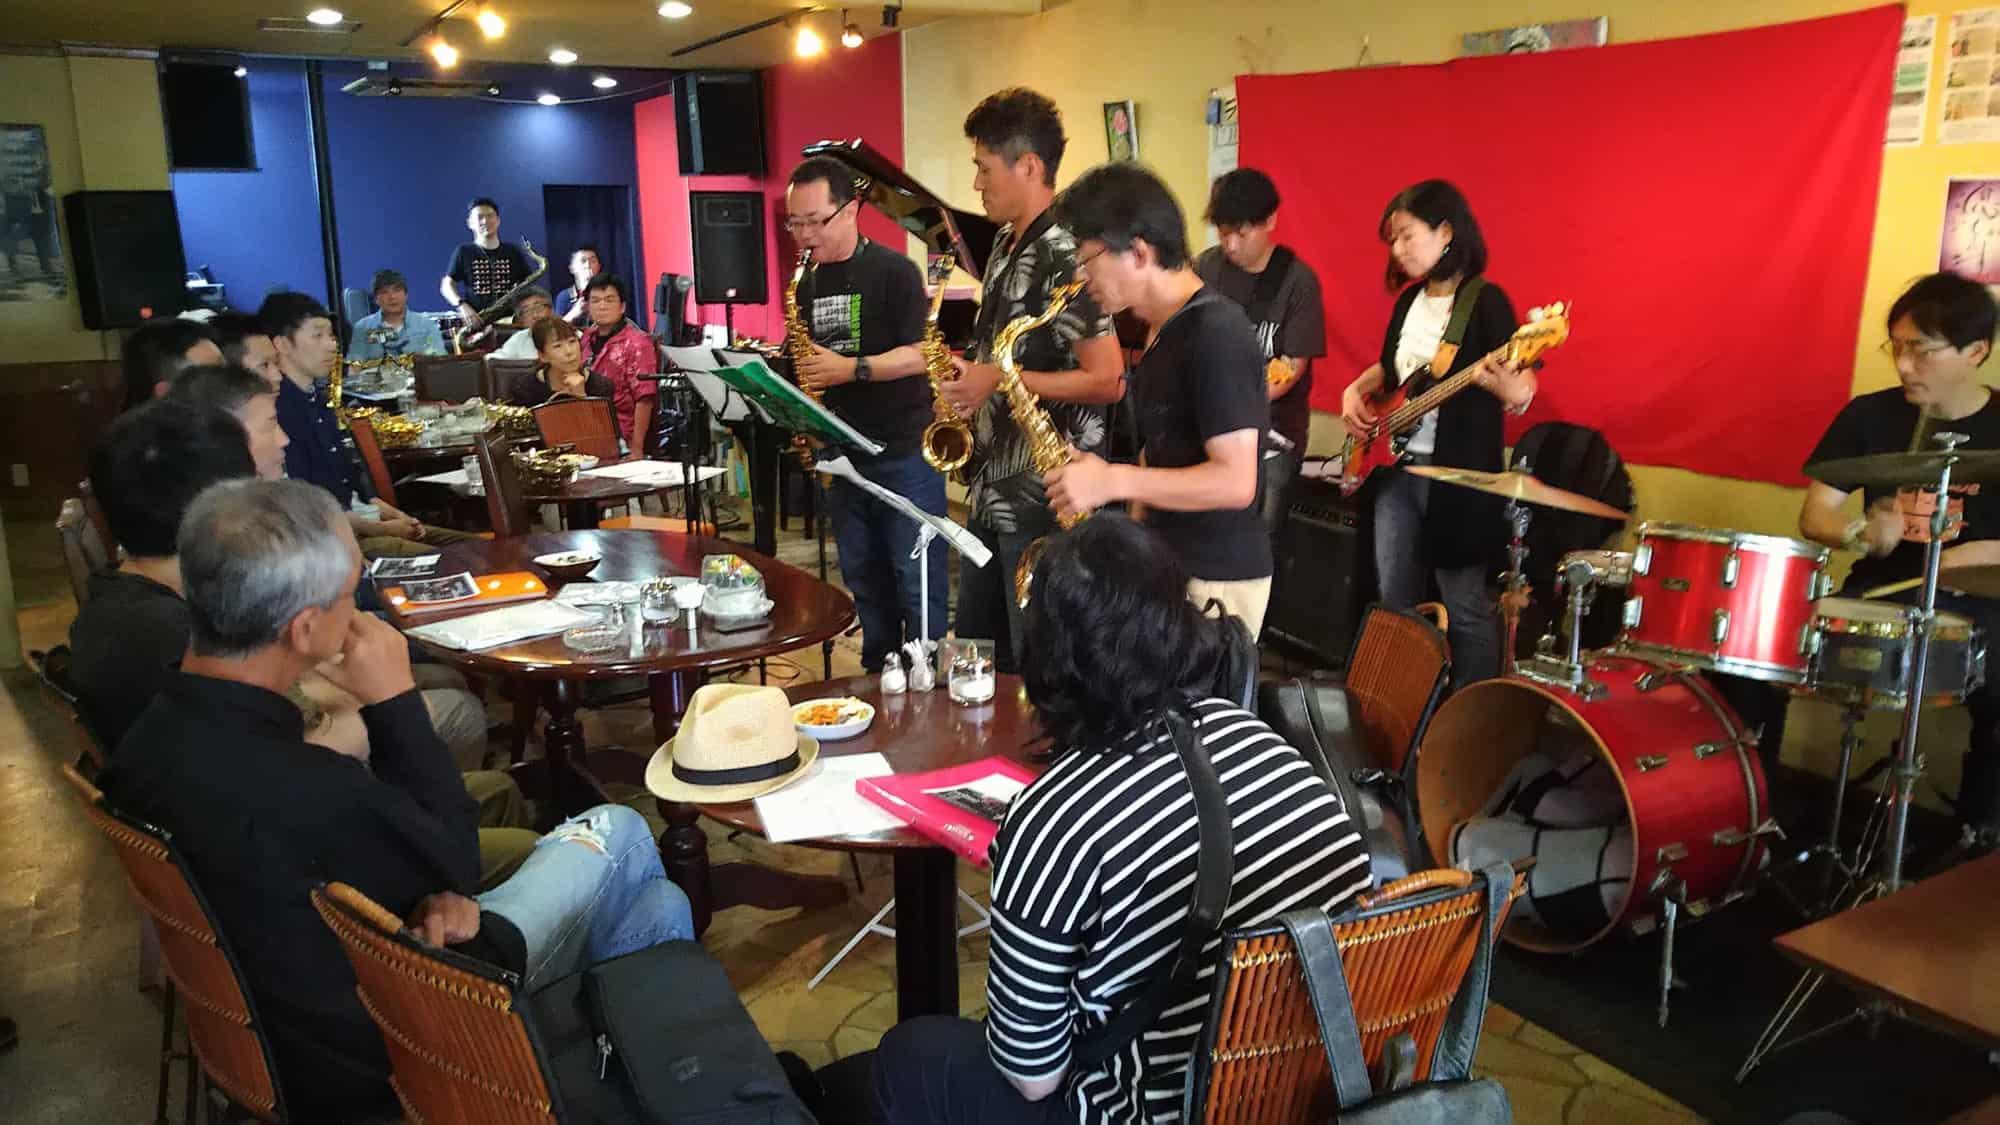 【大盛況にて終了】OPEN MIC & JAM Session@Cafe de Iwacco